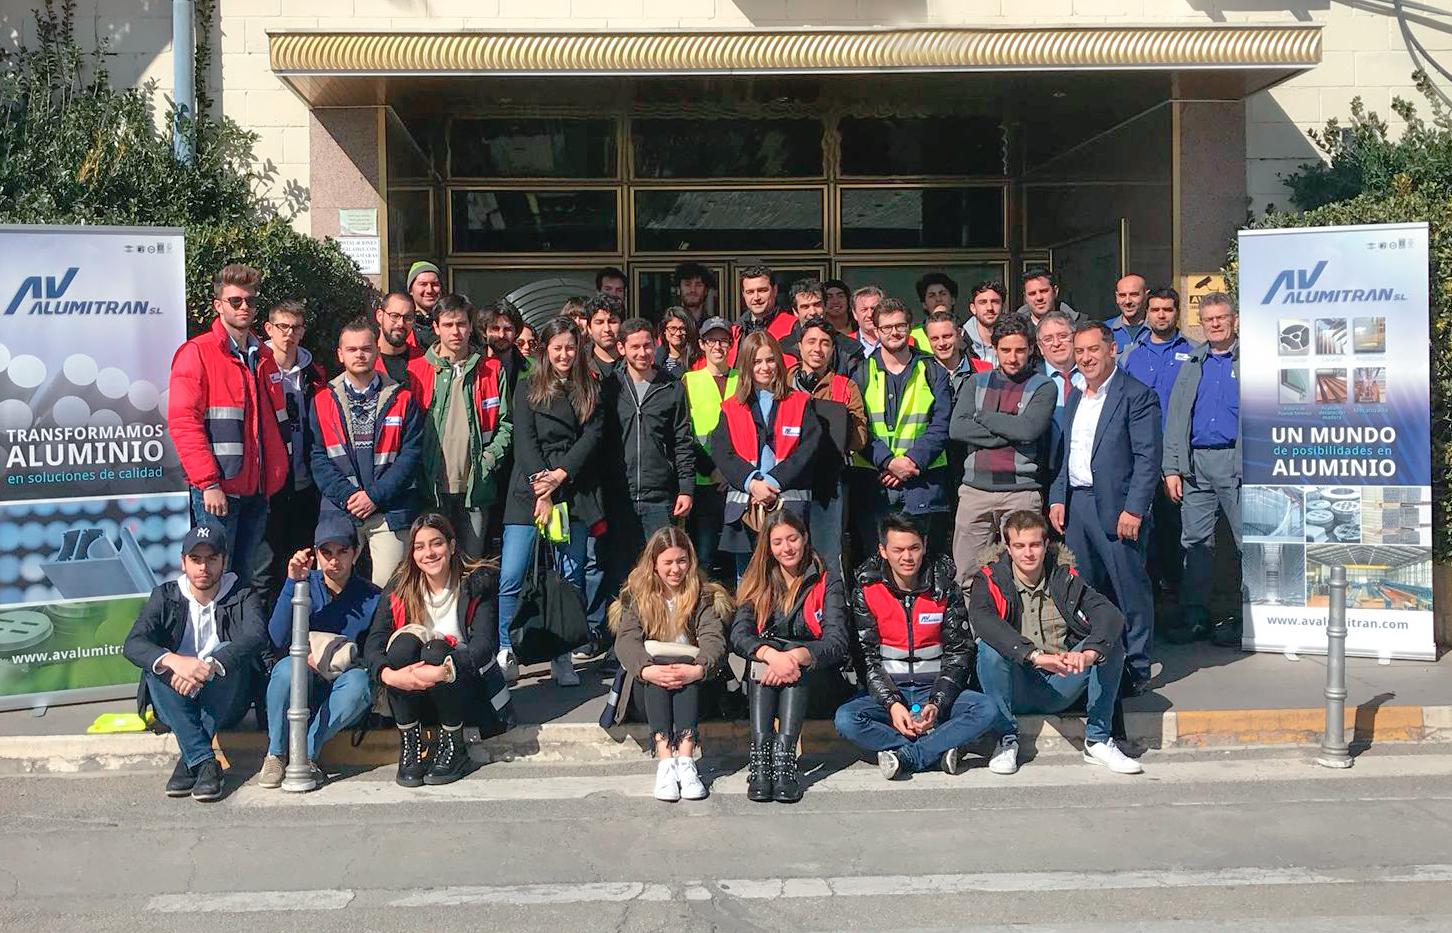 visita universitarios arquitectura Francisco Vitoria